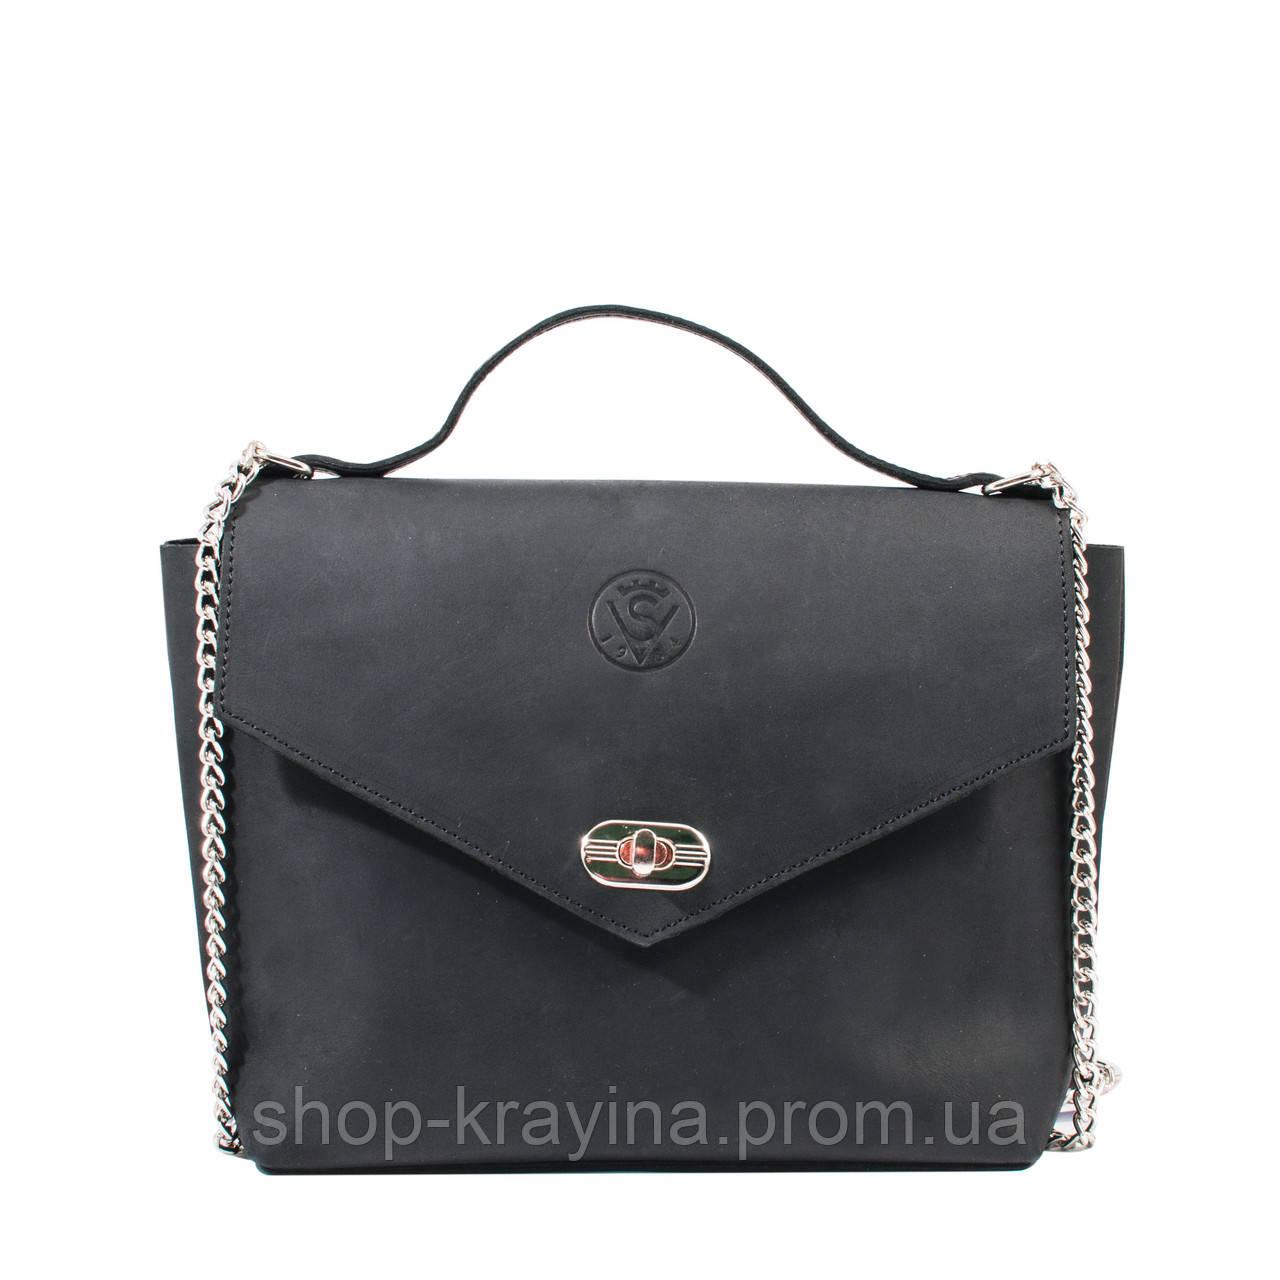 Кожаная сумка VS222  black 22х18х8 см